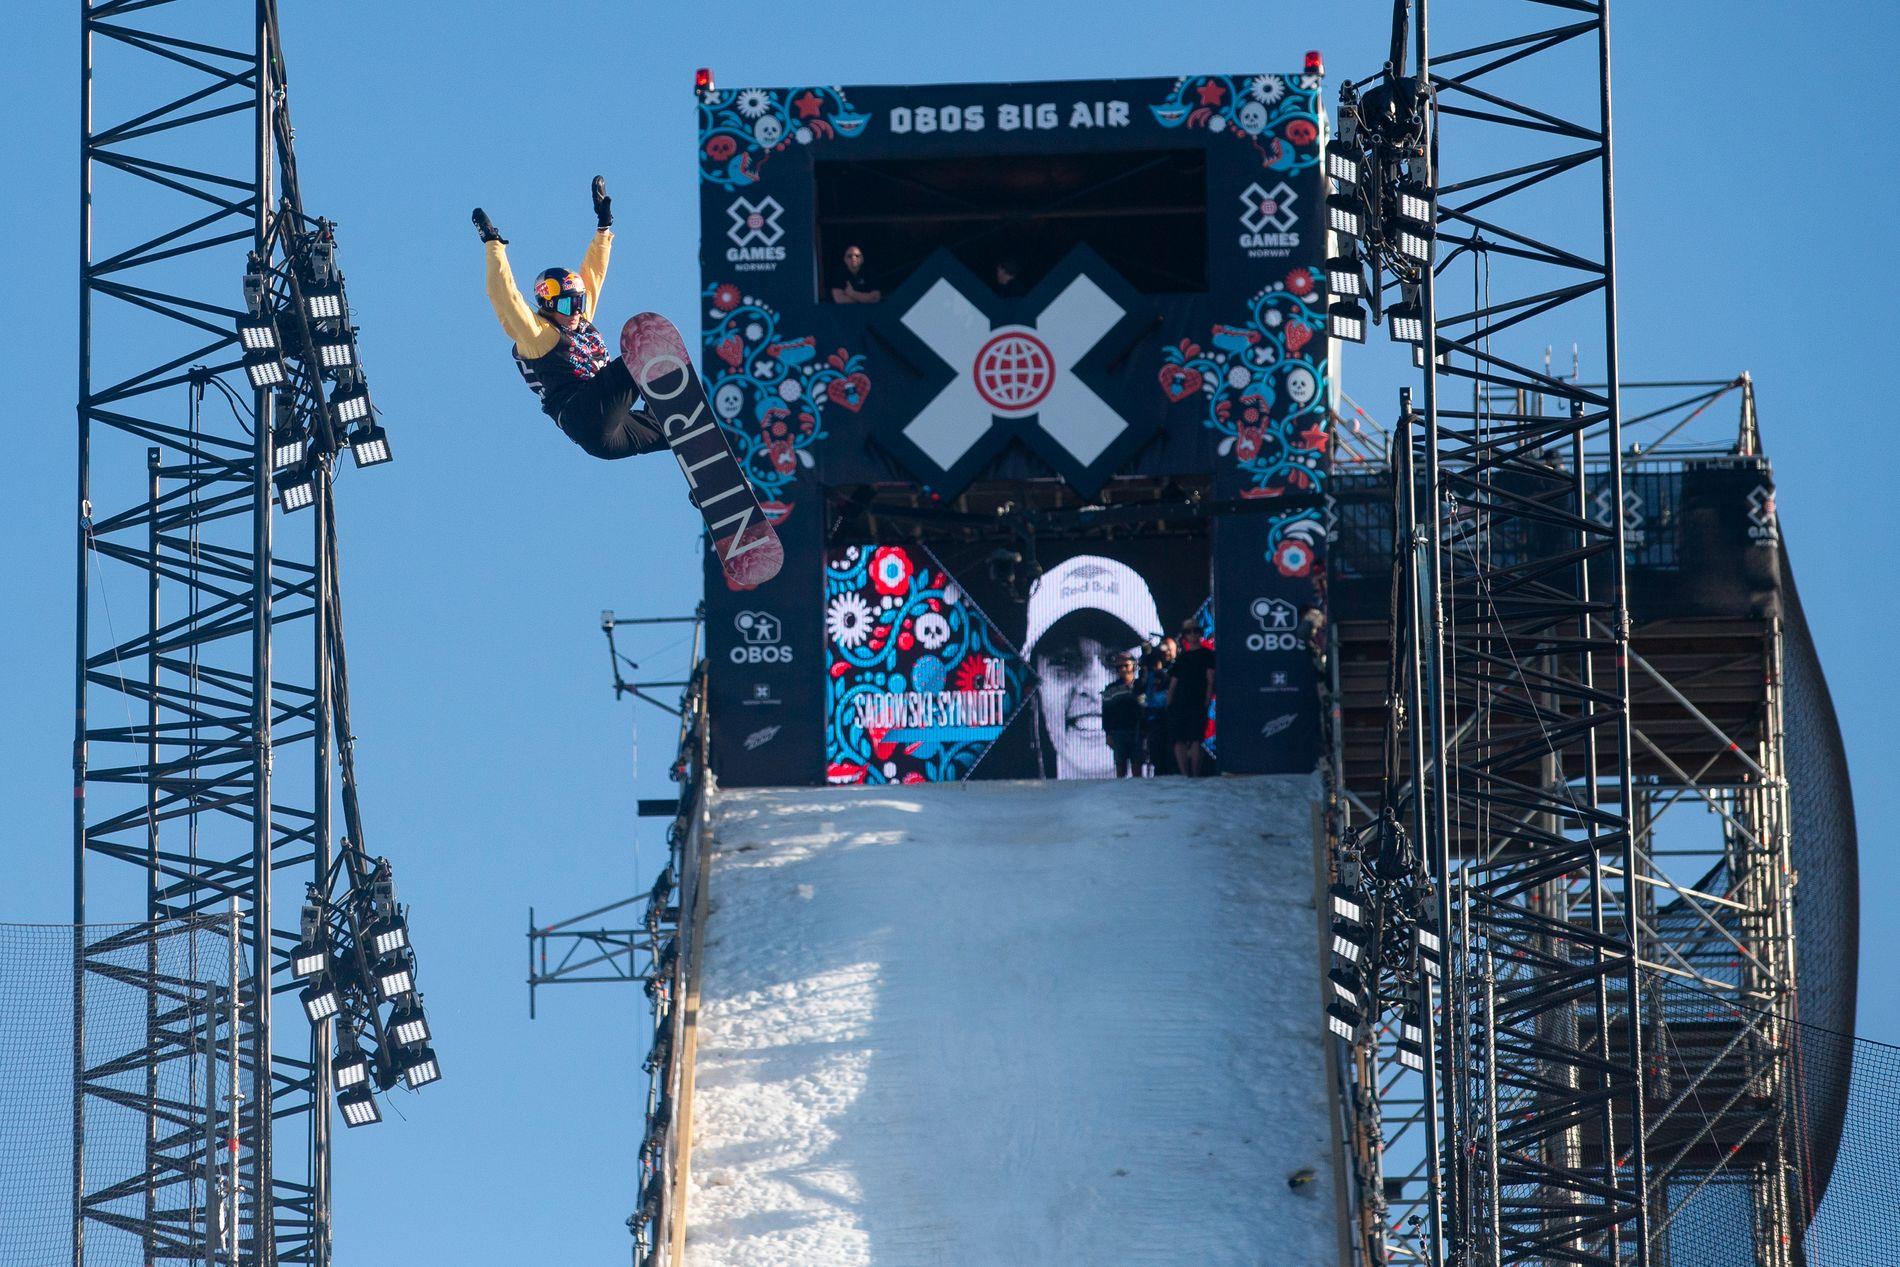 FALT ØKONOMISK: Zoi Sadowski-Synnott fra New Zealand under X Games-finalen i Big Air på snowboard for kvinner på Fornebu i mai.